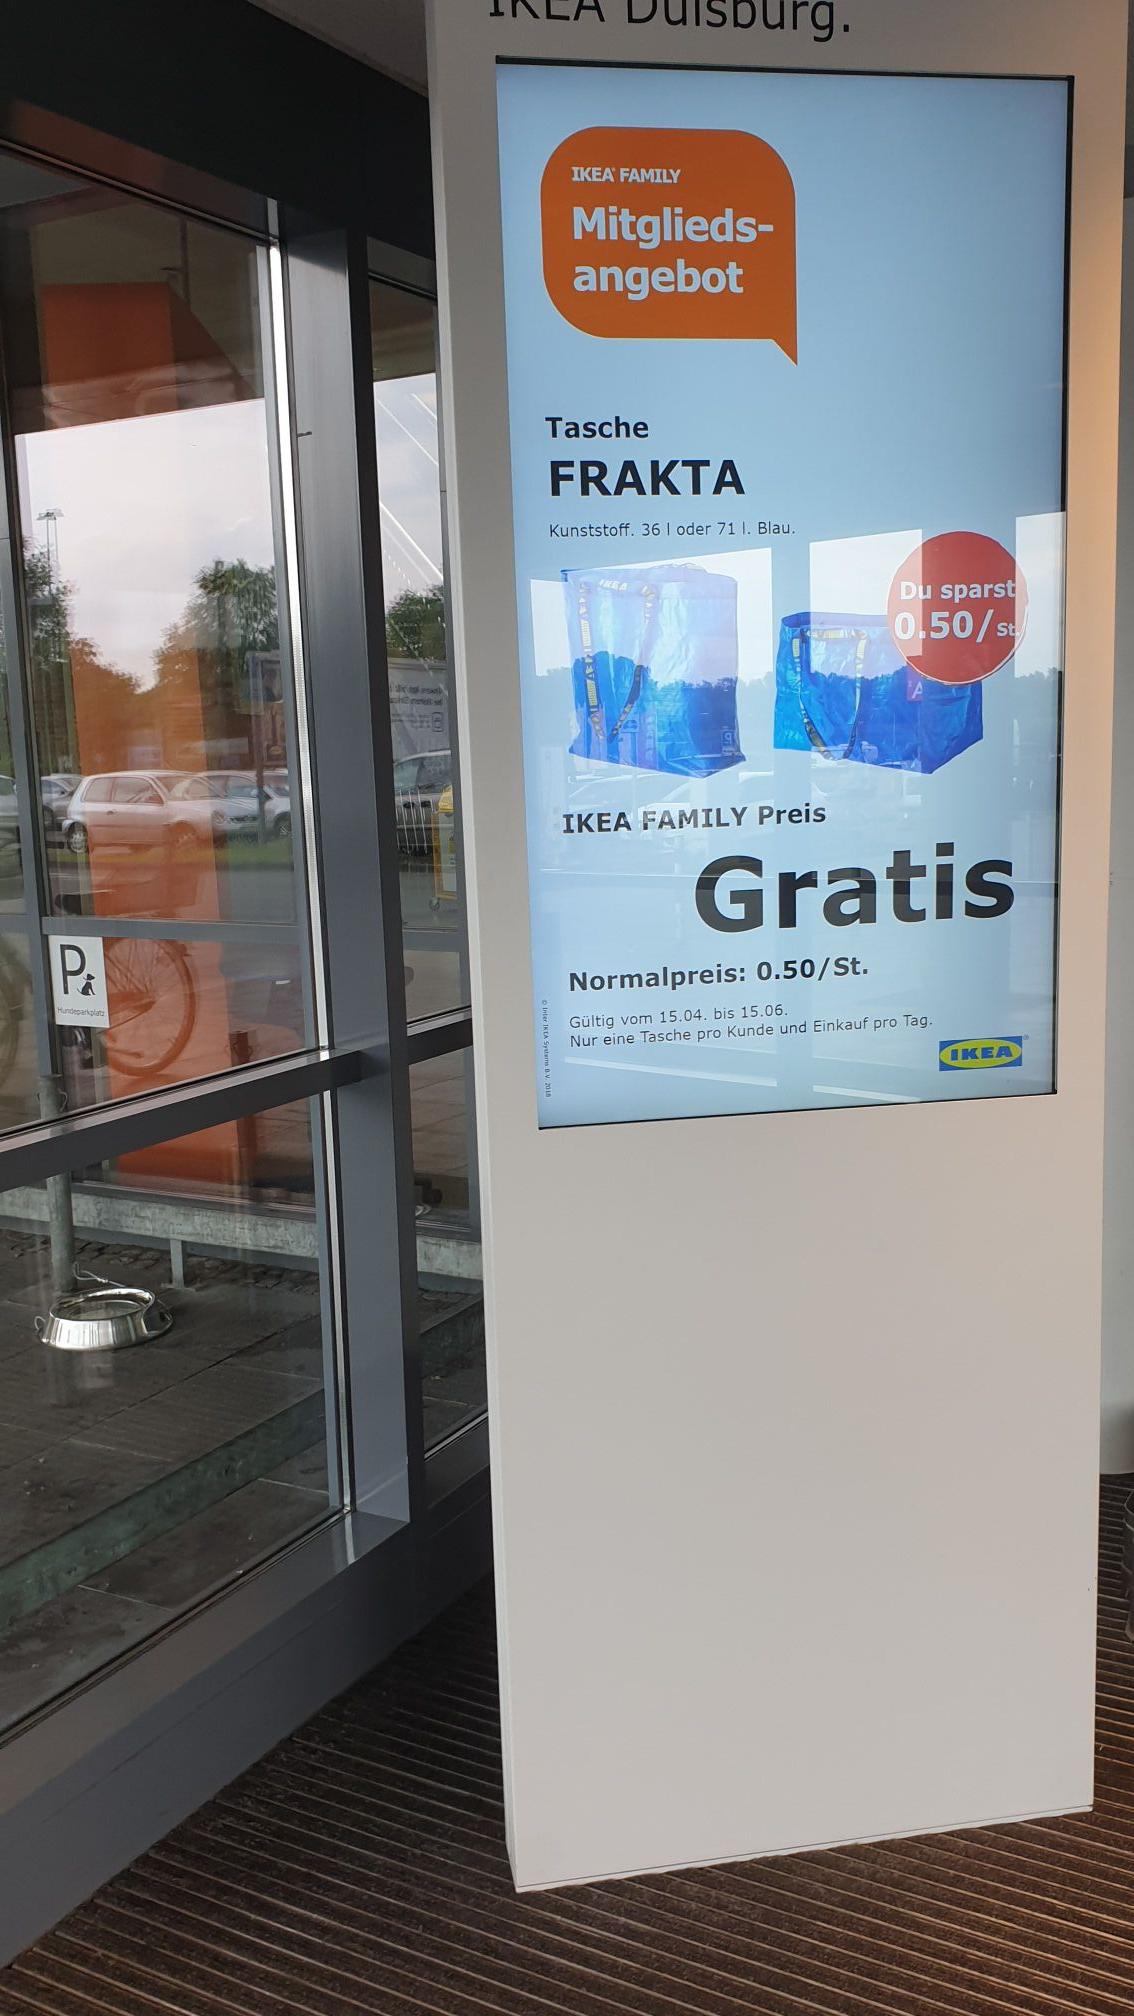 Gratis FRAKTA Tragetasche für Family Mitglieder bei IKEA (Lokal Duisburg?)